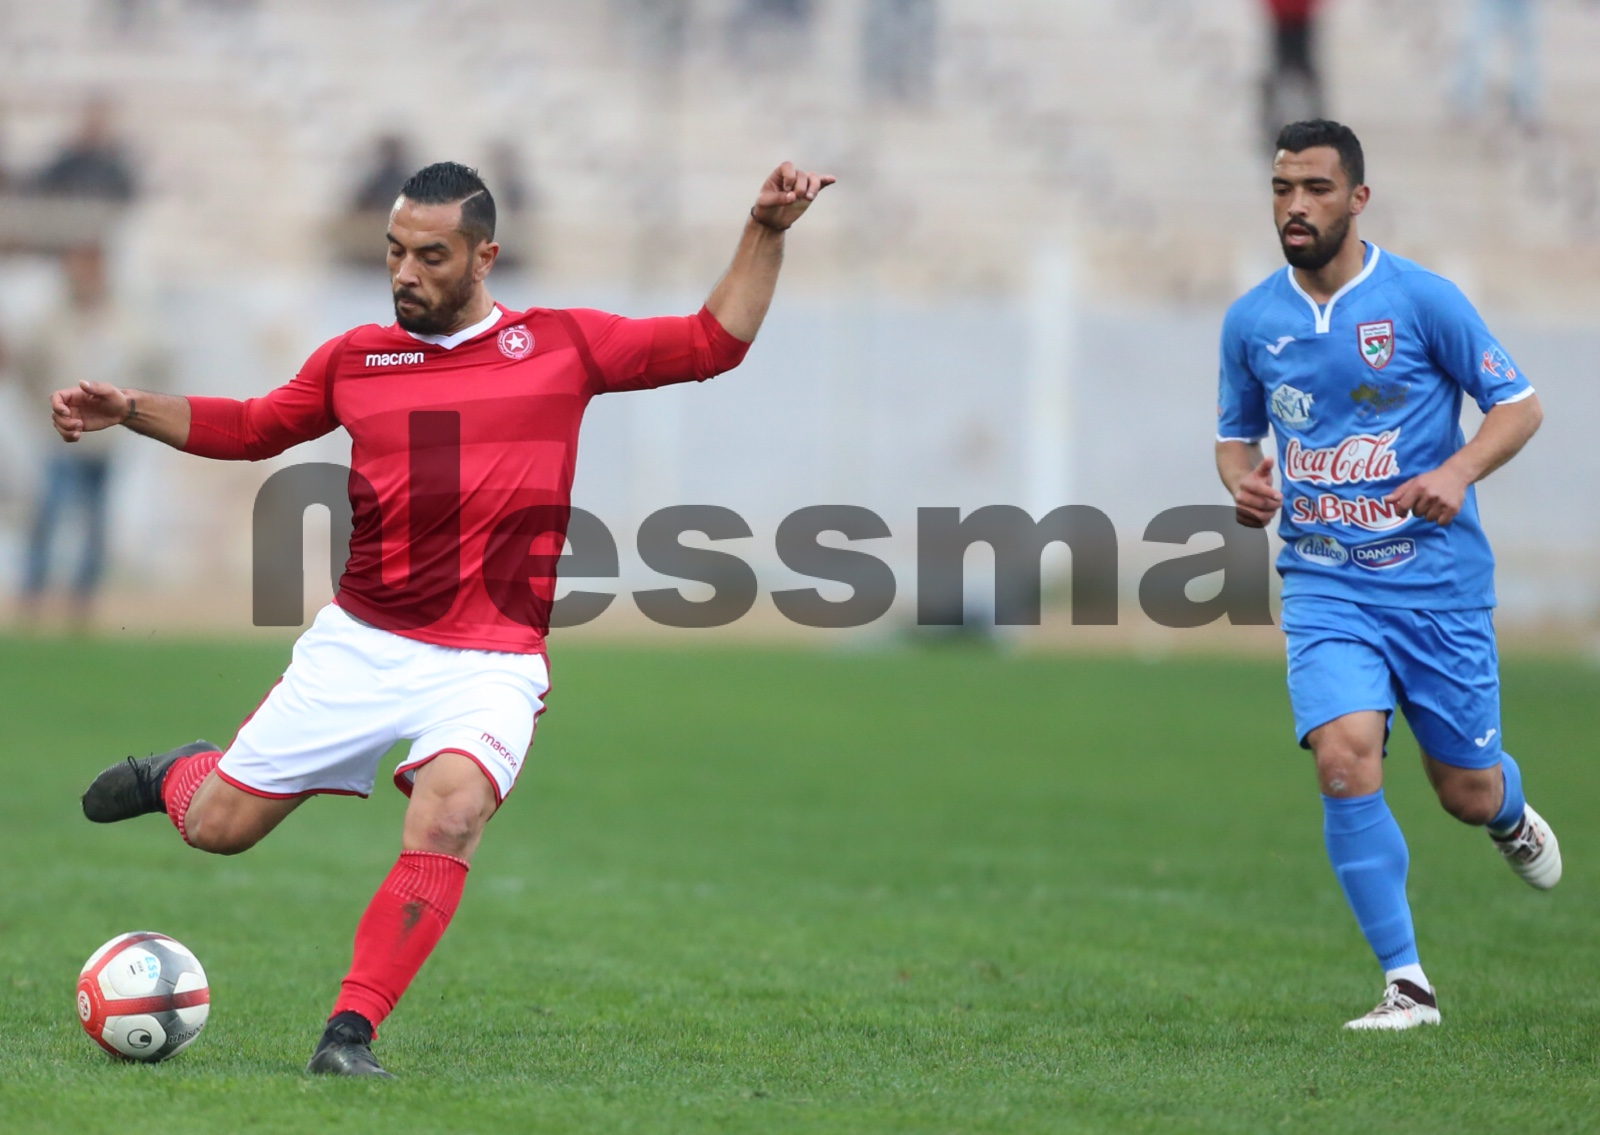 صور الشوط الثاني من مباراة الملعب التونسي والنجم الساحلي